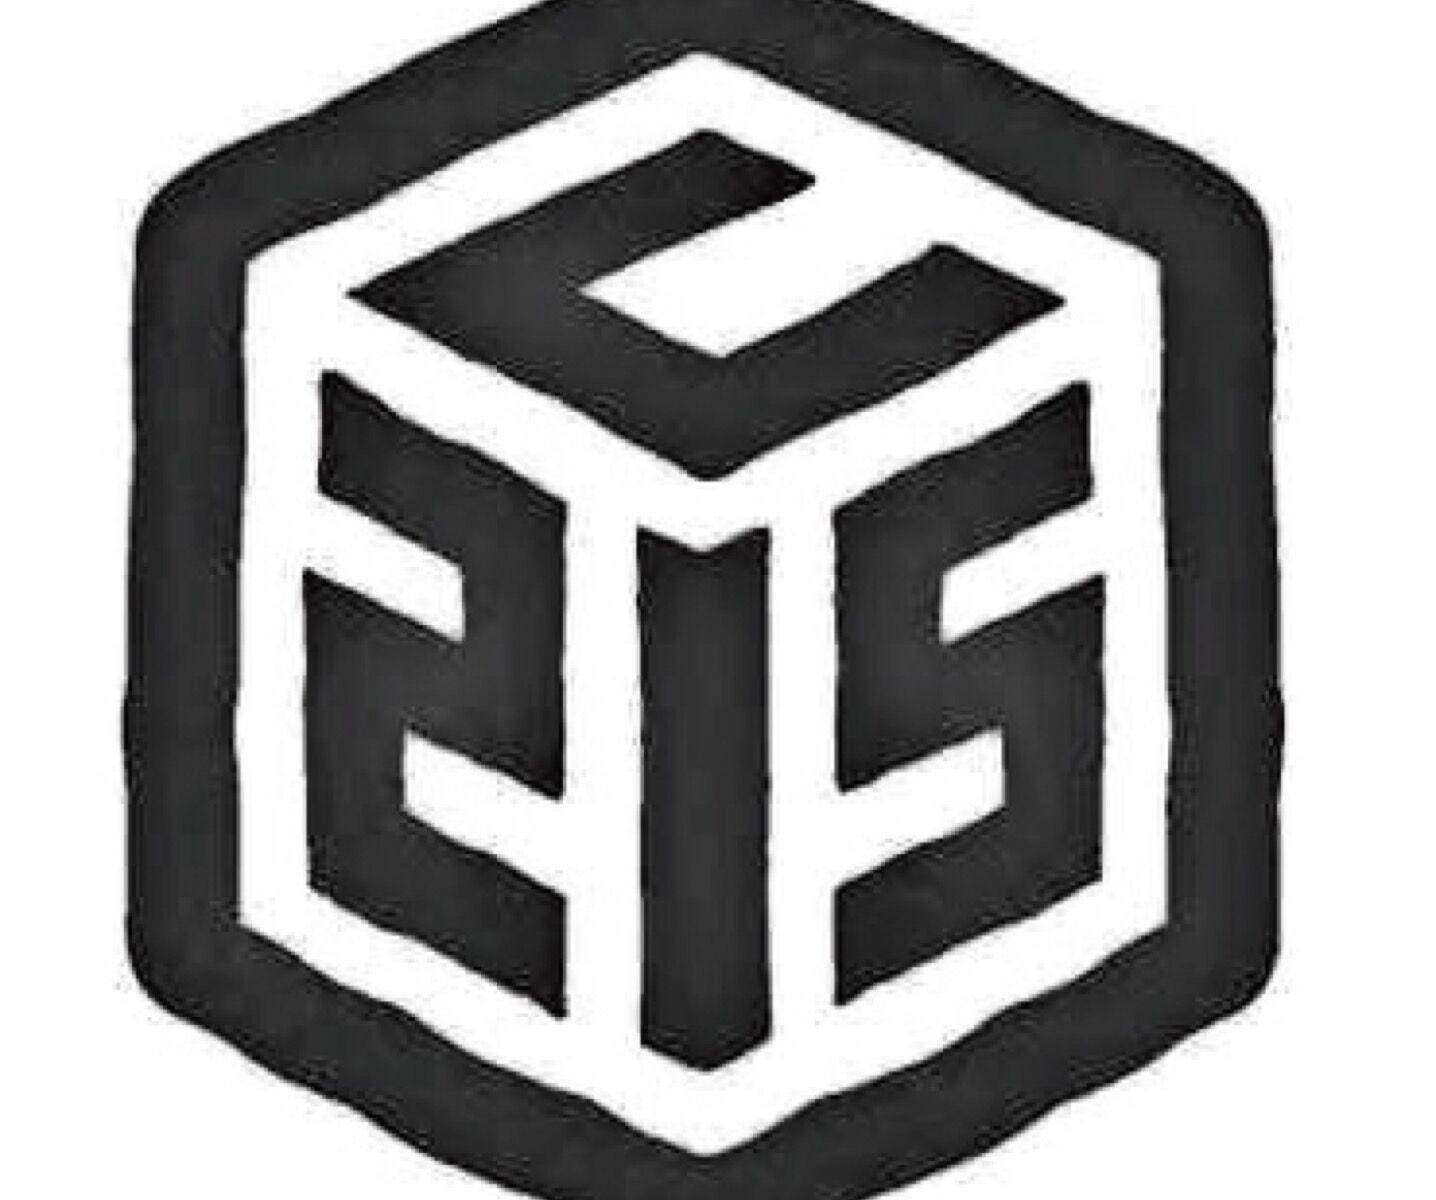 11_01_43_705_c215_logo_370.jpg